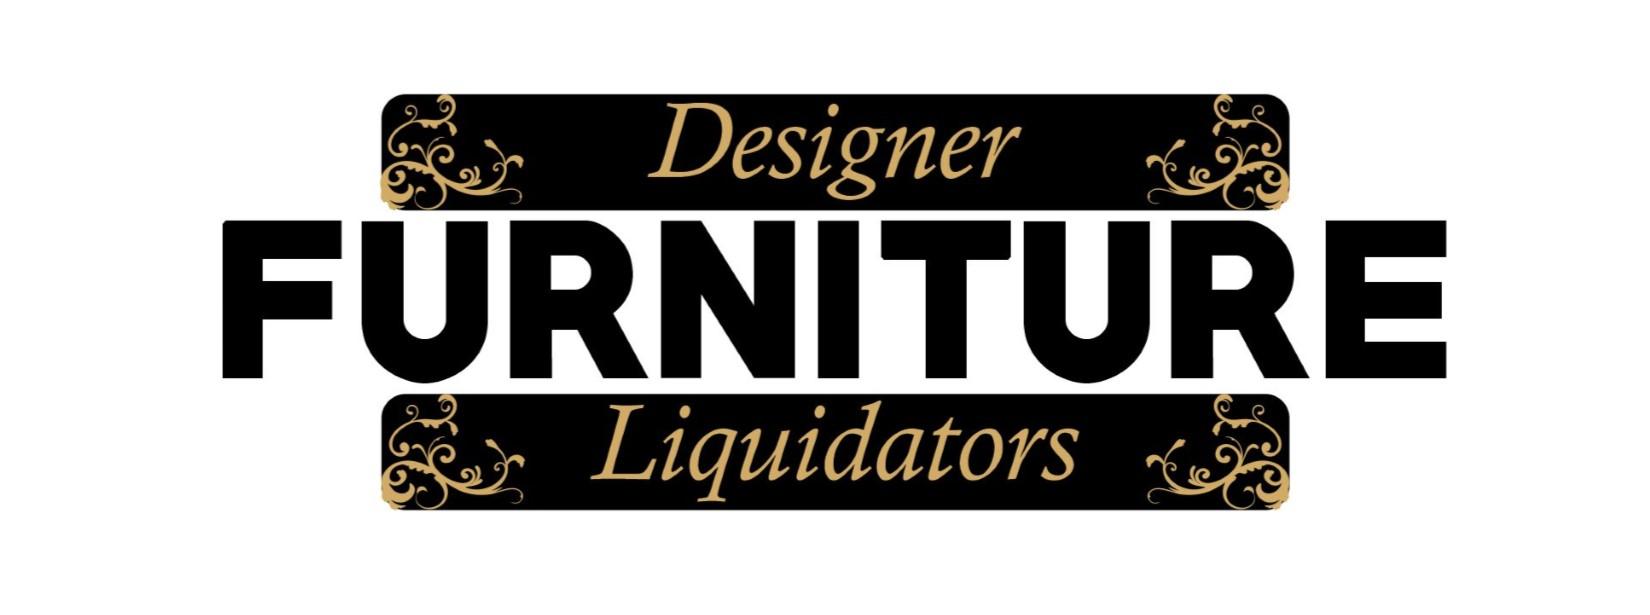 designer furniture liquidators logo